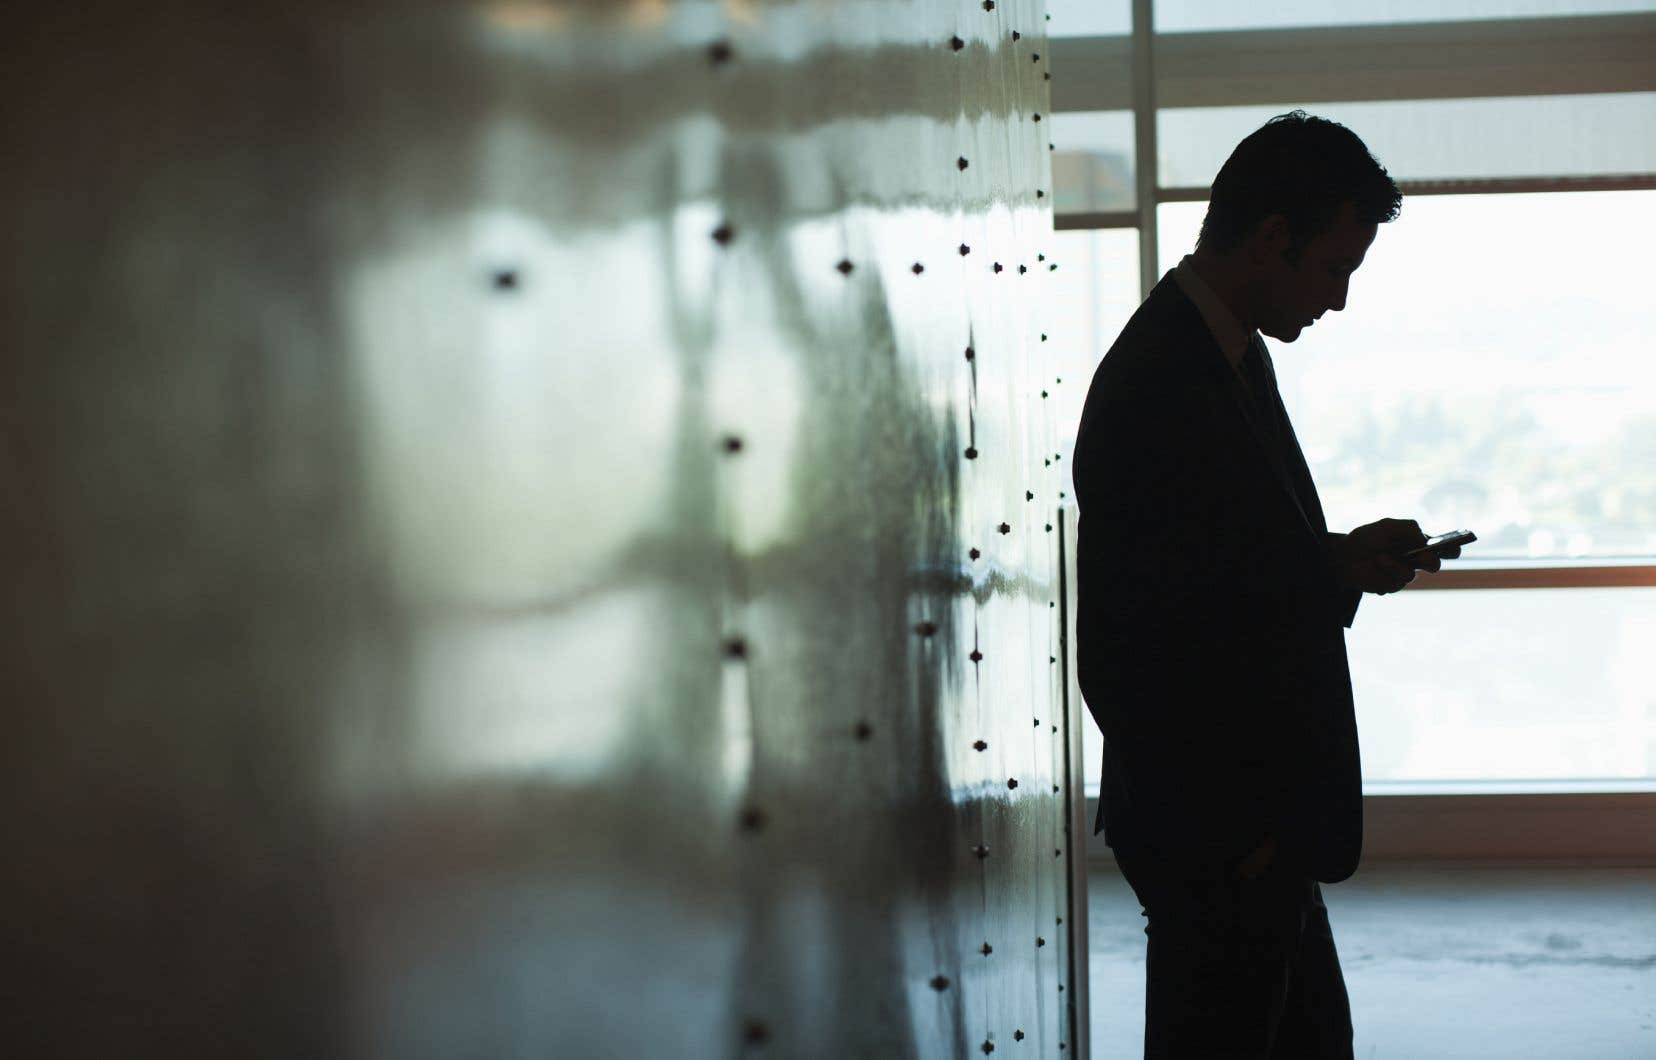 Ces nouvelles règles doivent mettre en place des «canaux sûrs» pour que des individus puissent signaler, en interne ou publiquement, des infractions au sein d'une entreprise ou de l'administration, sans craindre des représailles.